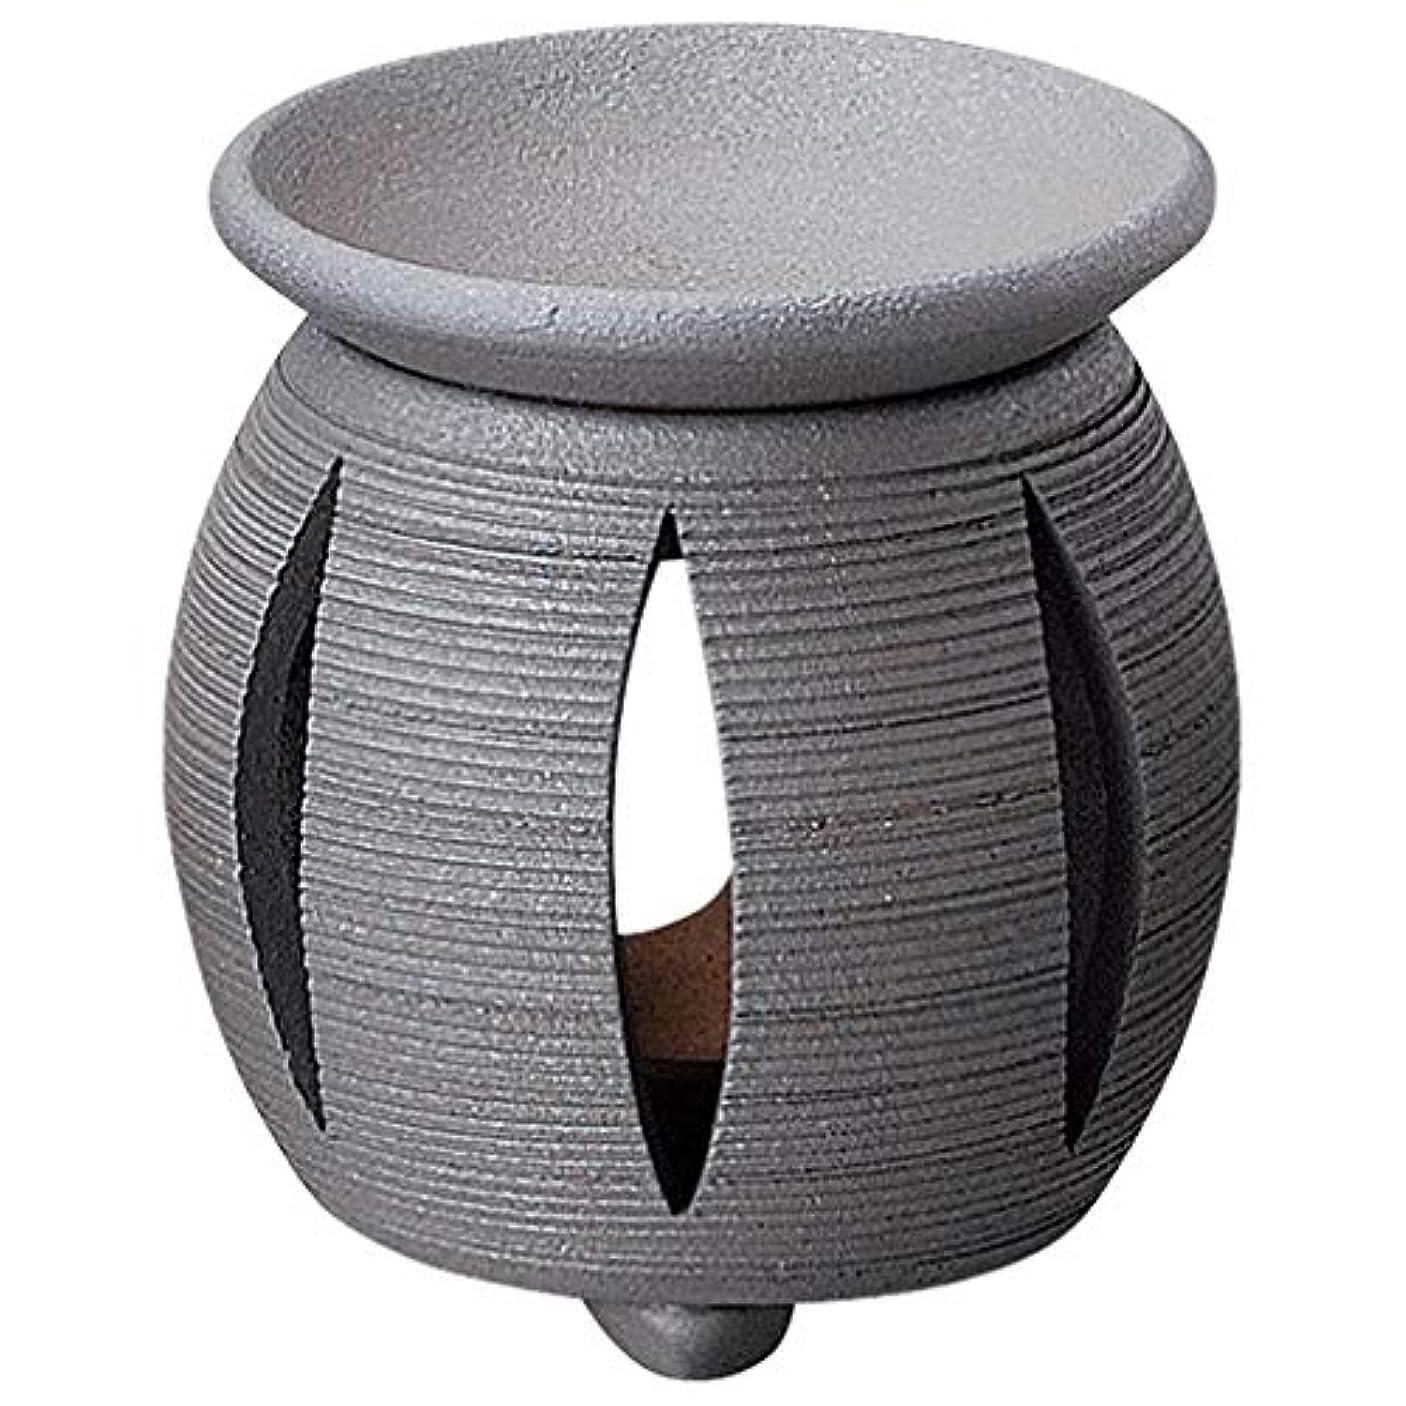 同情修羅場ハプニング常滑焼 G1714 茶香炉  径11×11.5cm